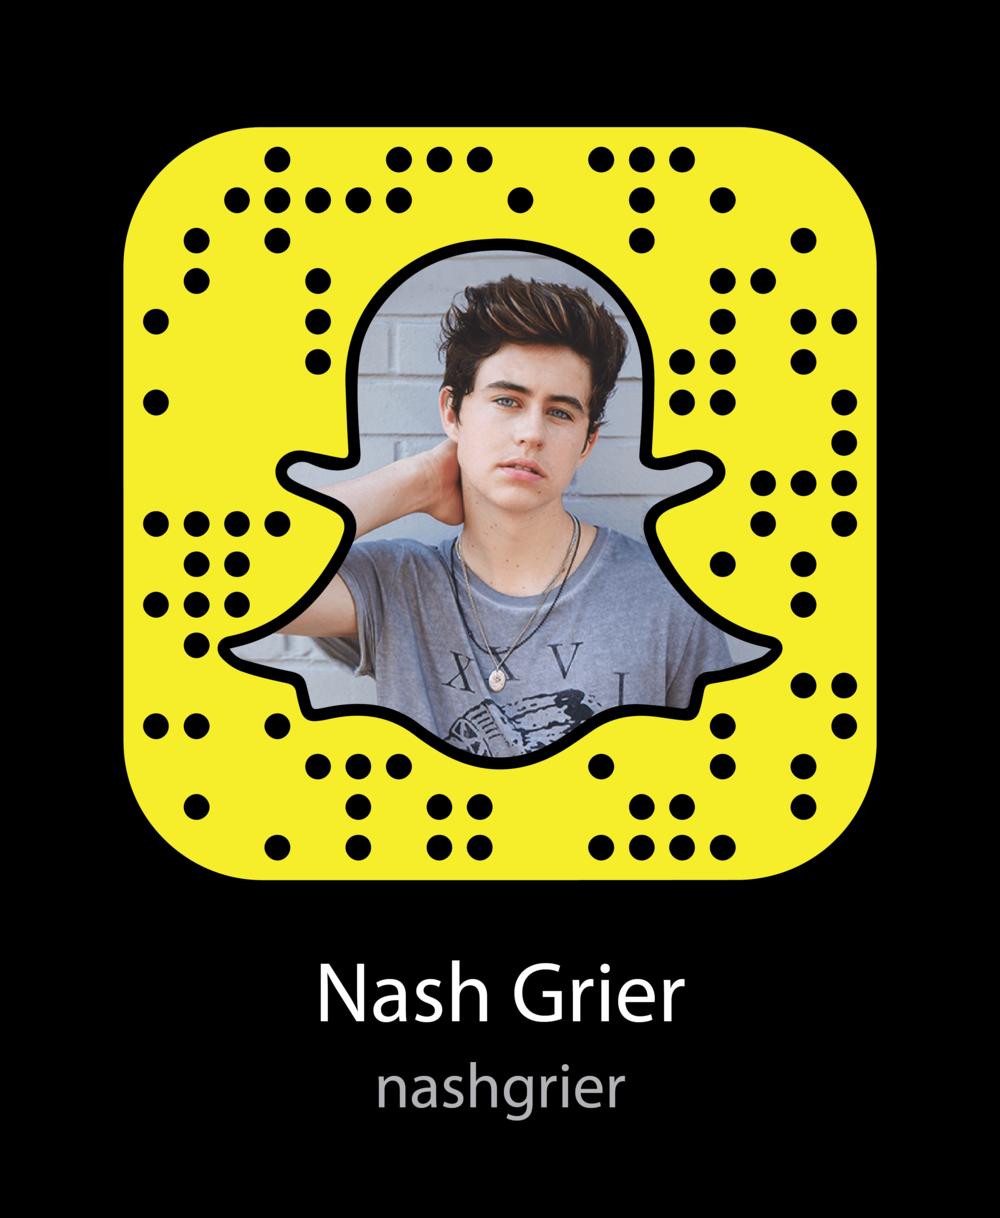 nash-grier-vine-celebrity-snapchat-snapcode